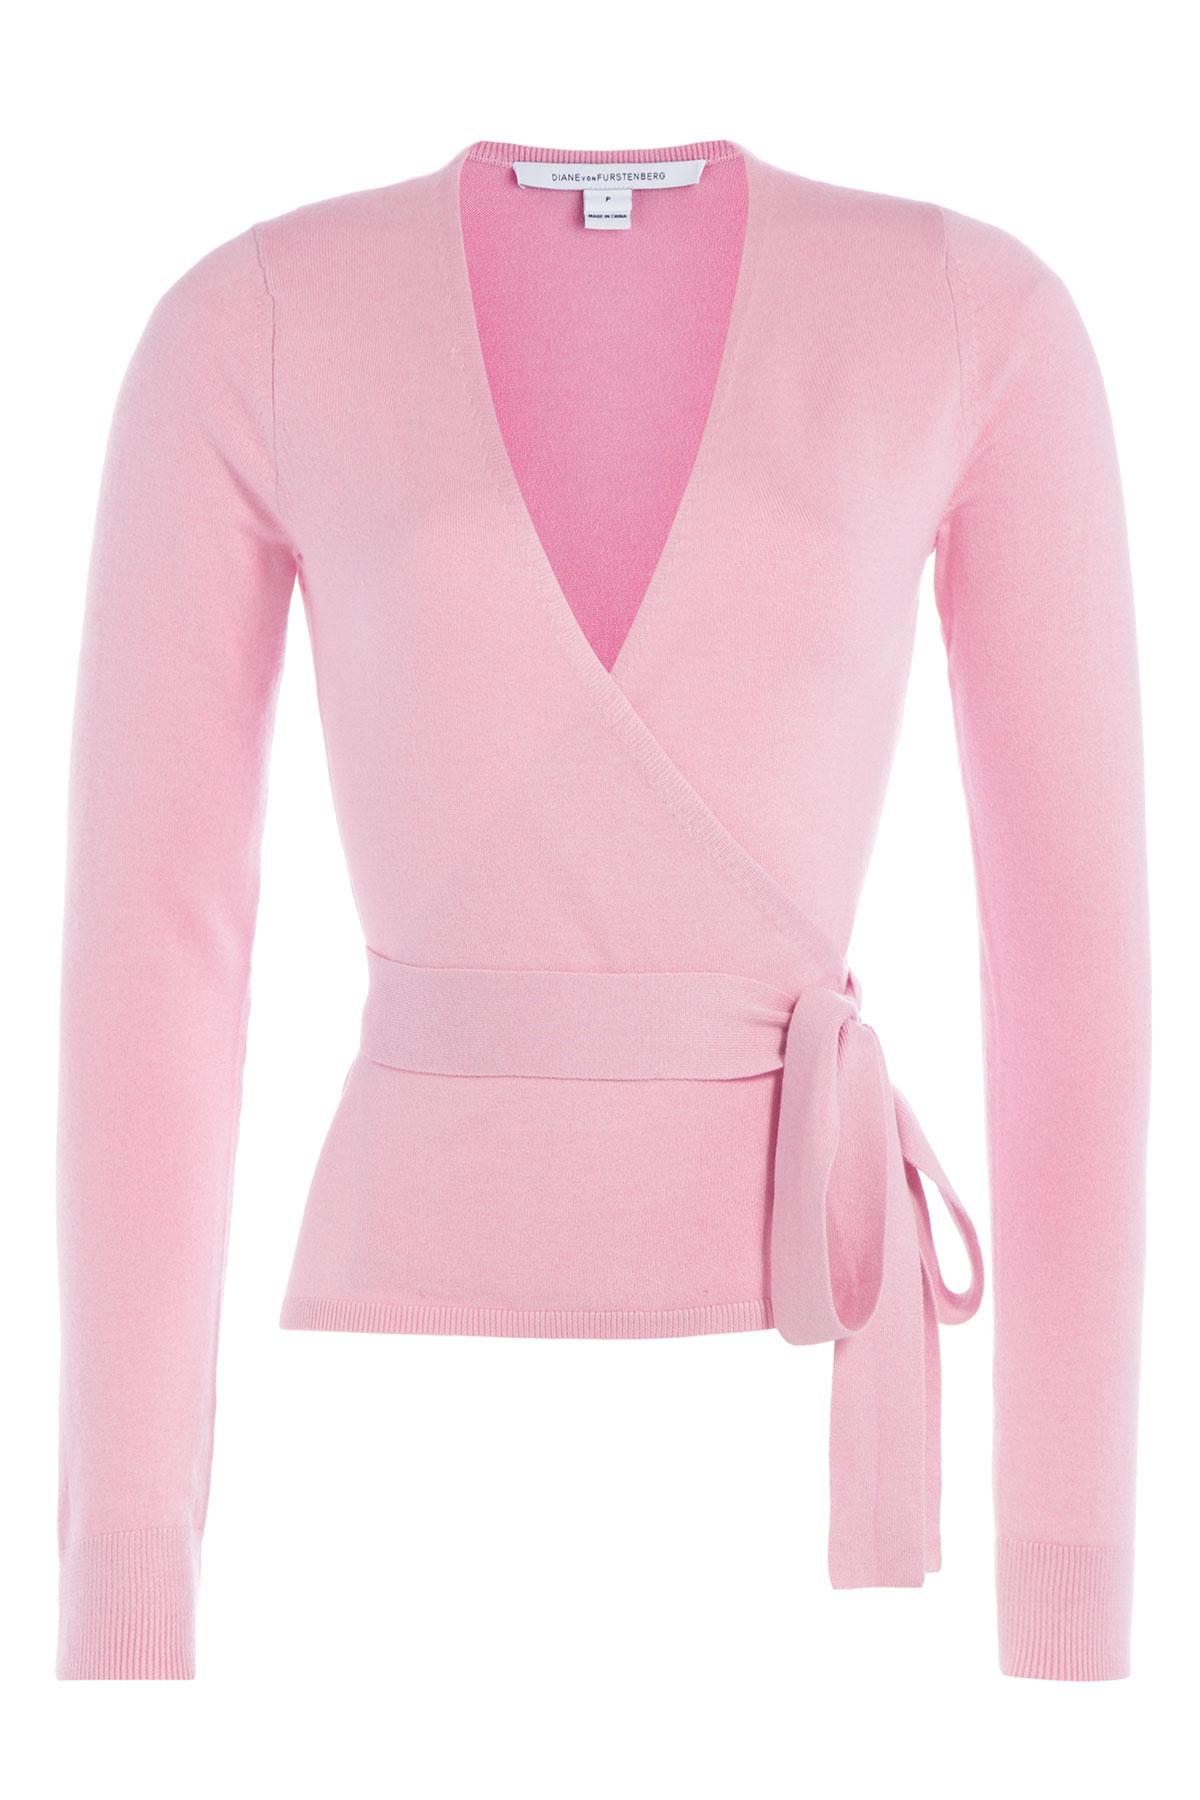 Diane von furstenberg Wrap Around Cardigan With Silk And Cashmere ...